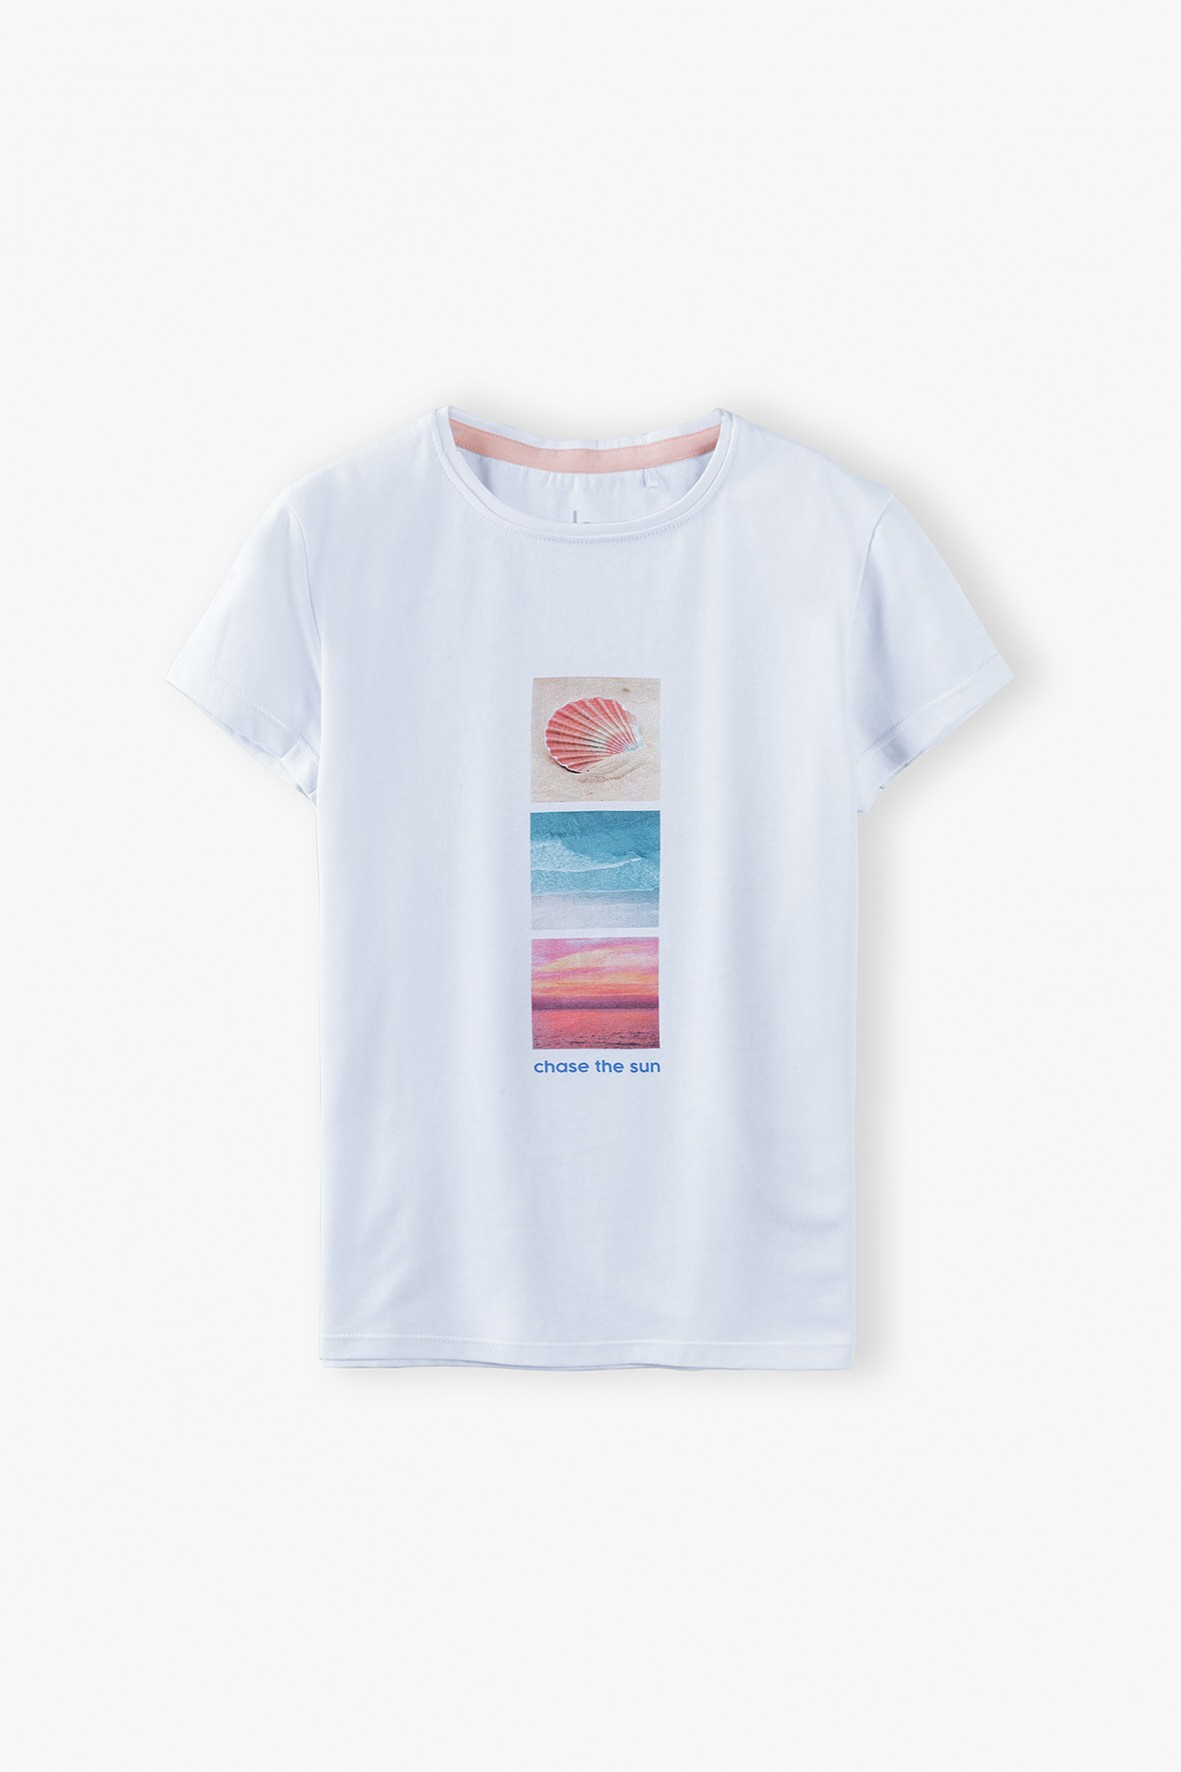 T- shirt dziewczęcy w wakacyjnymi nadrukami- Chase the sun